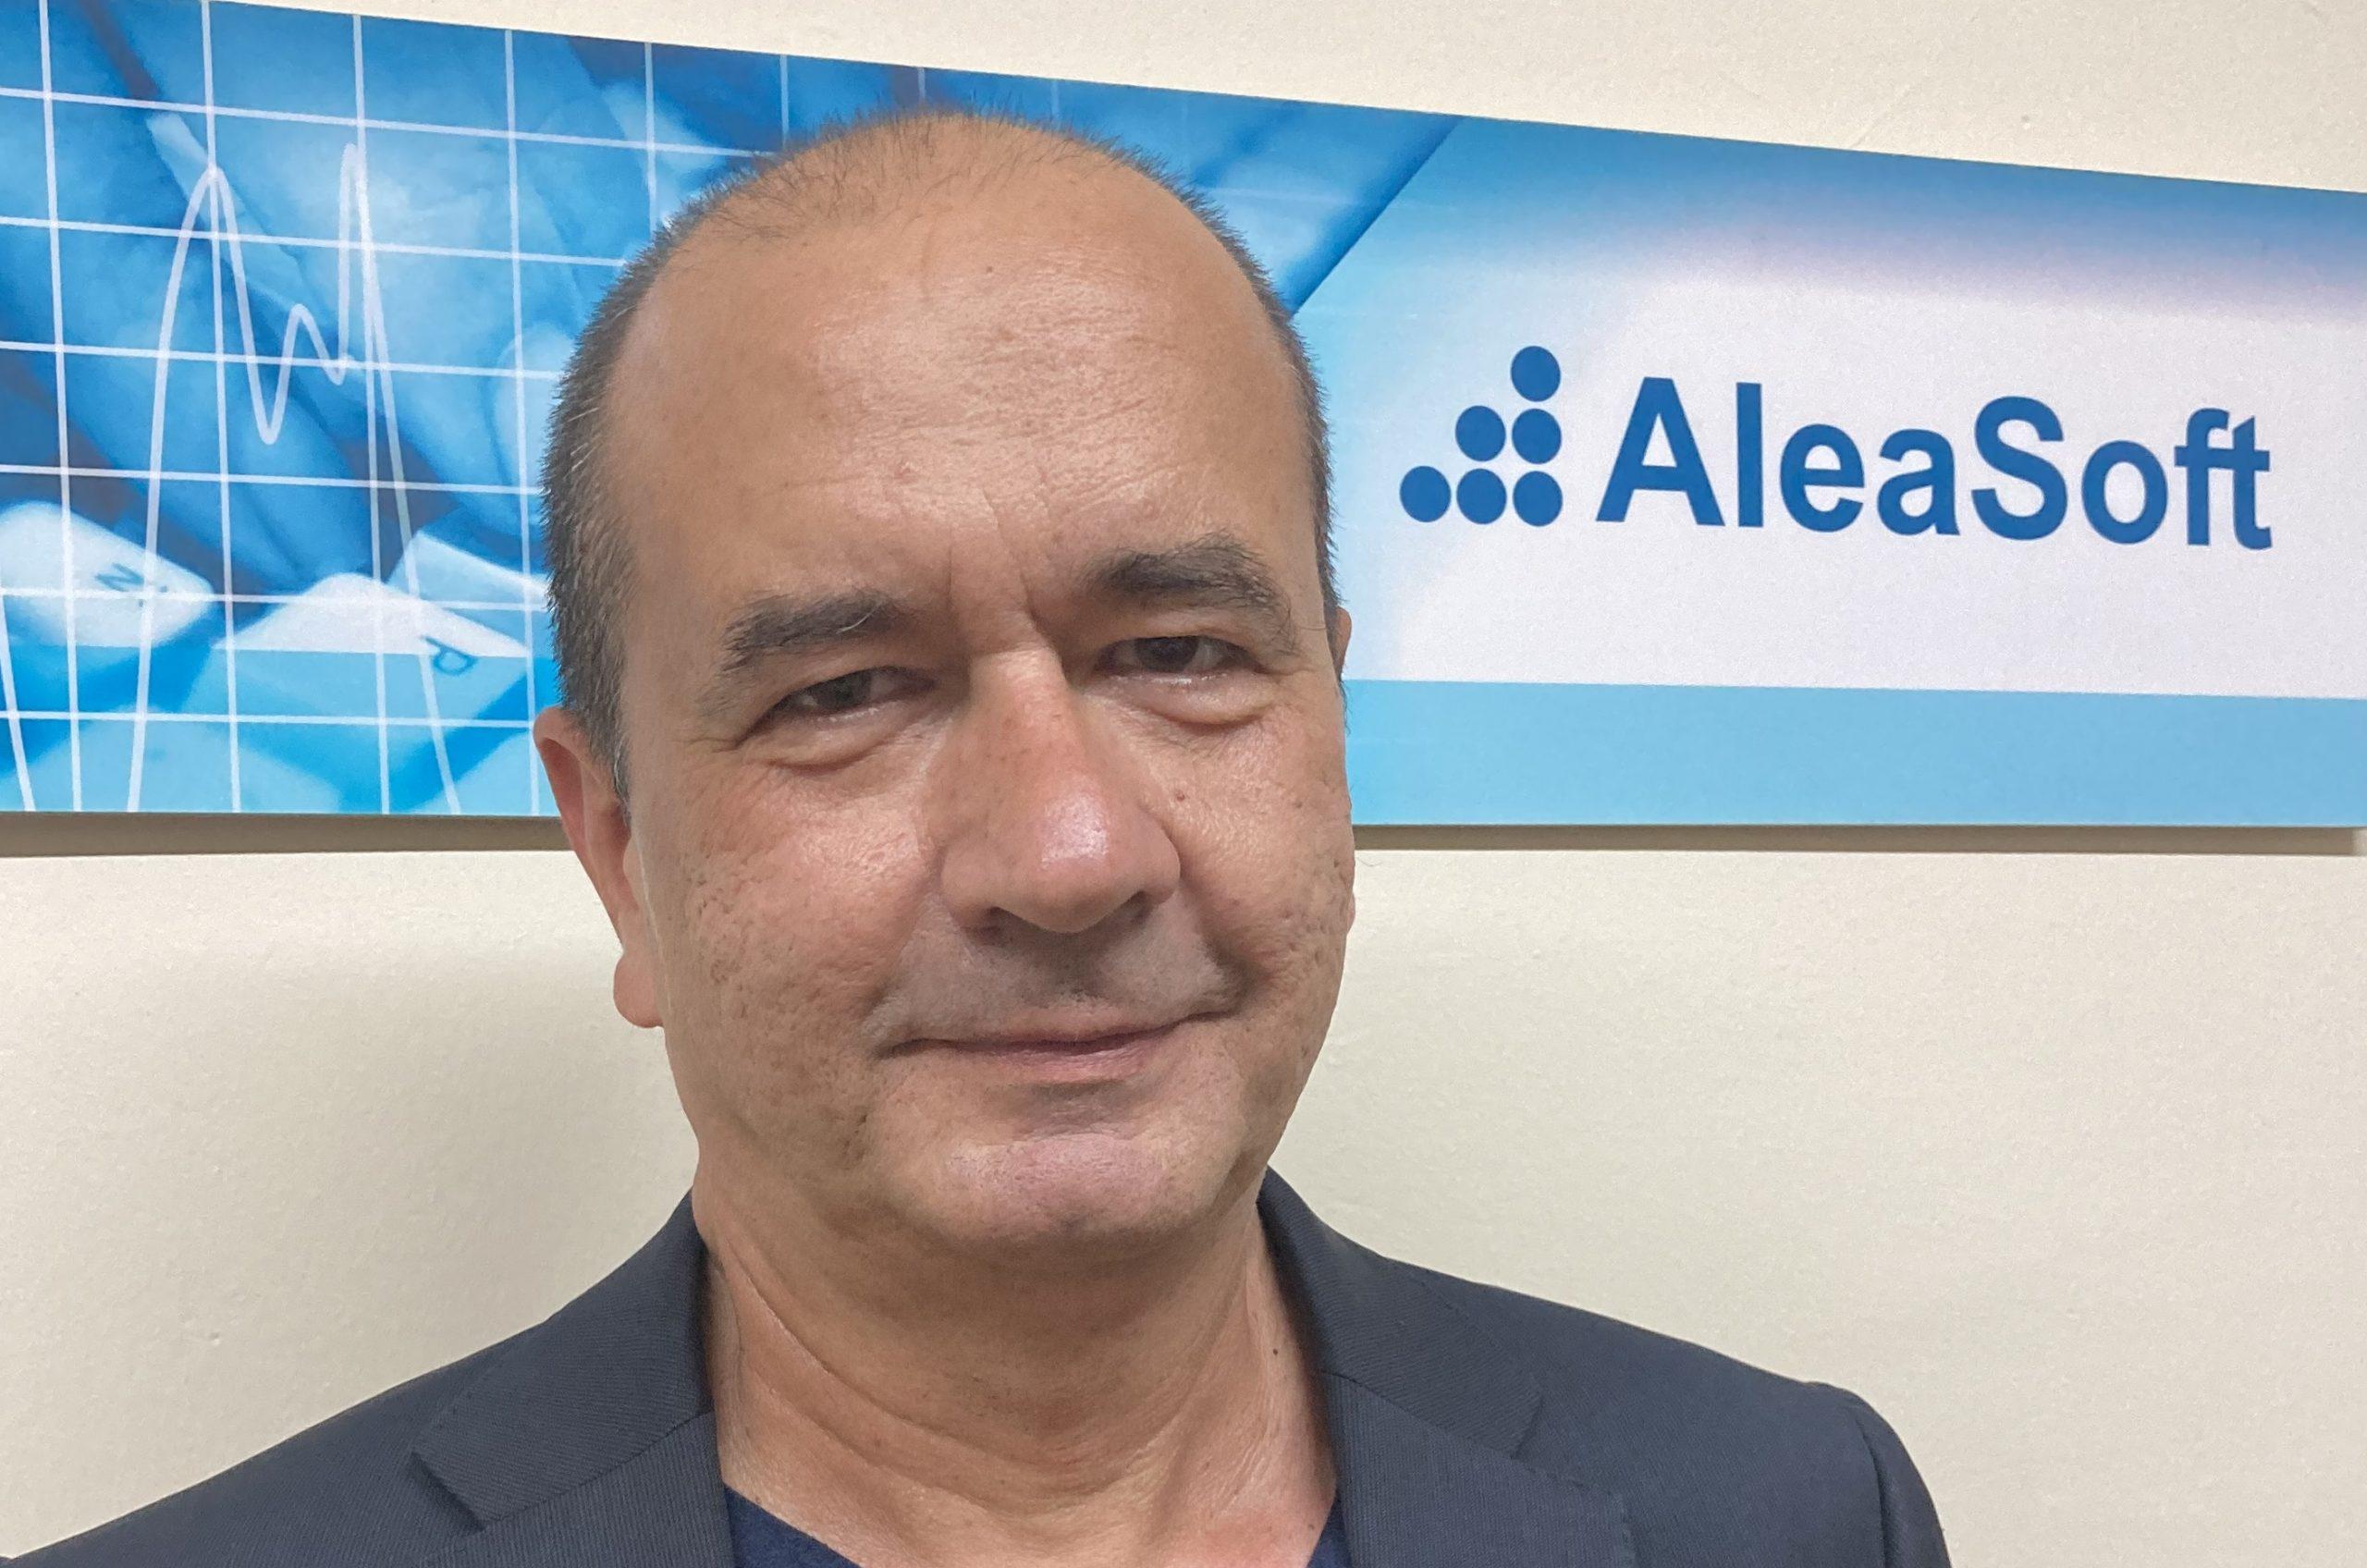 AleaSoft - Antonio Delgado Rigal